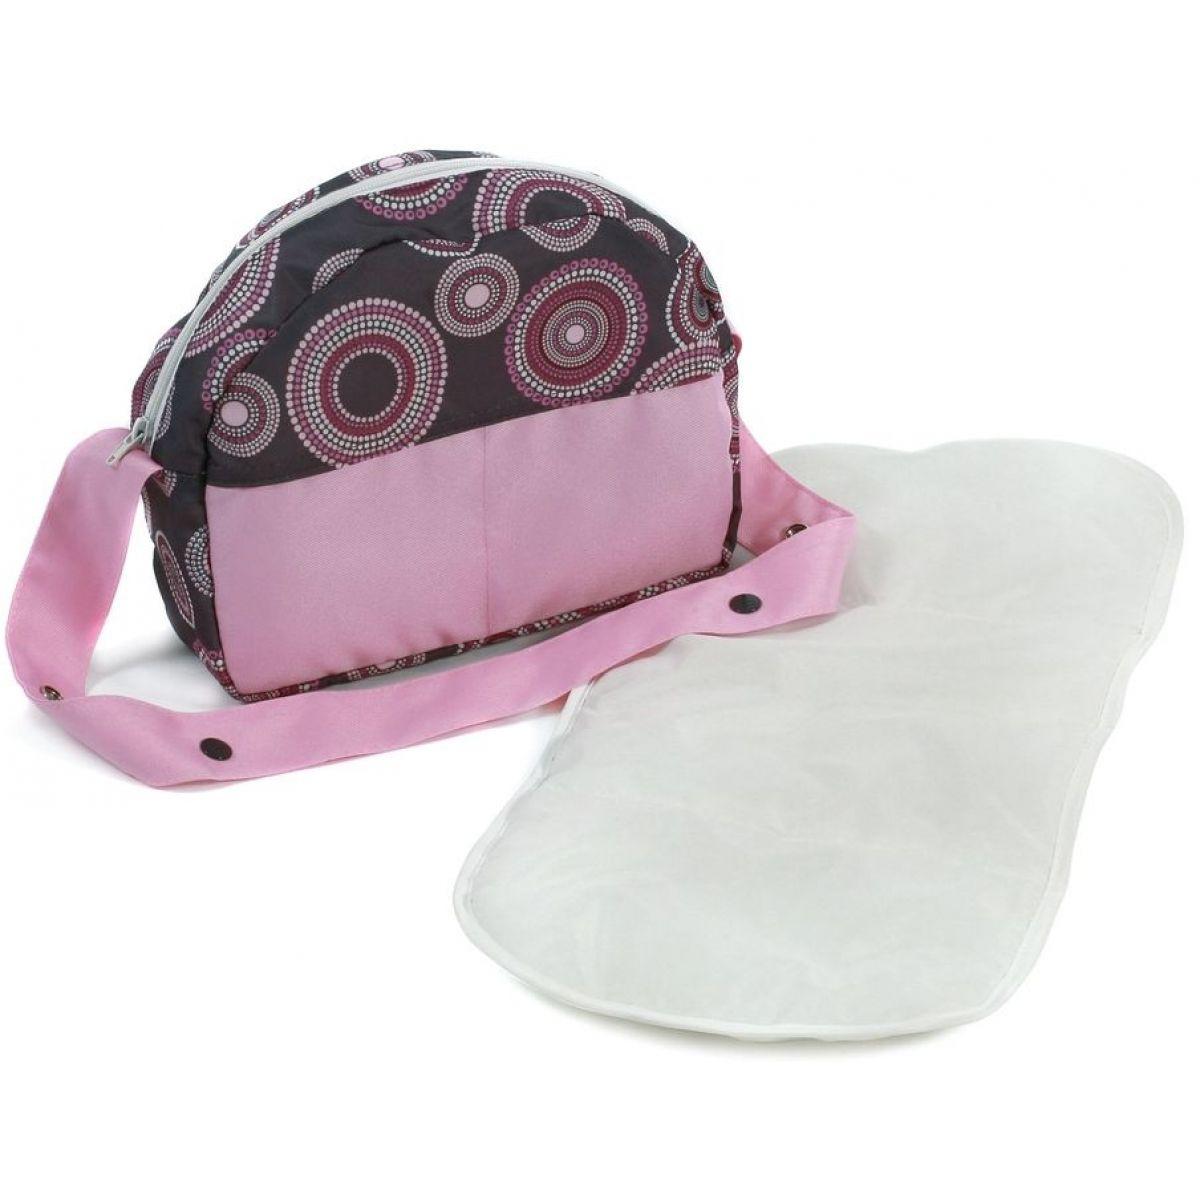 Bayer Chic Přebalovací taška ke kočárku - Rosy pearls